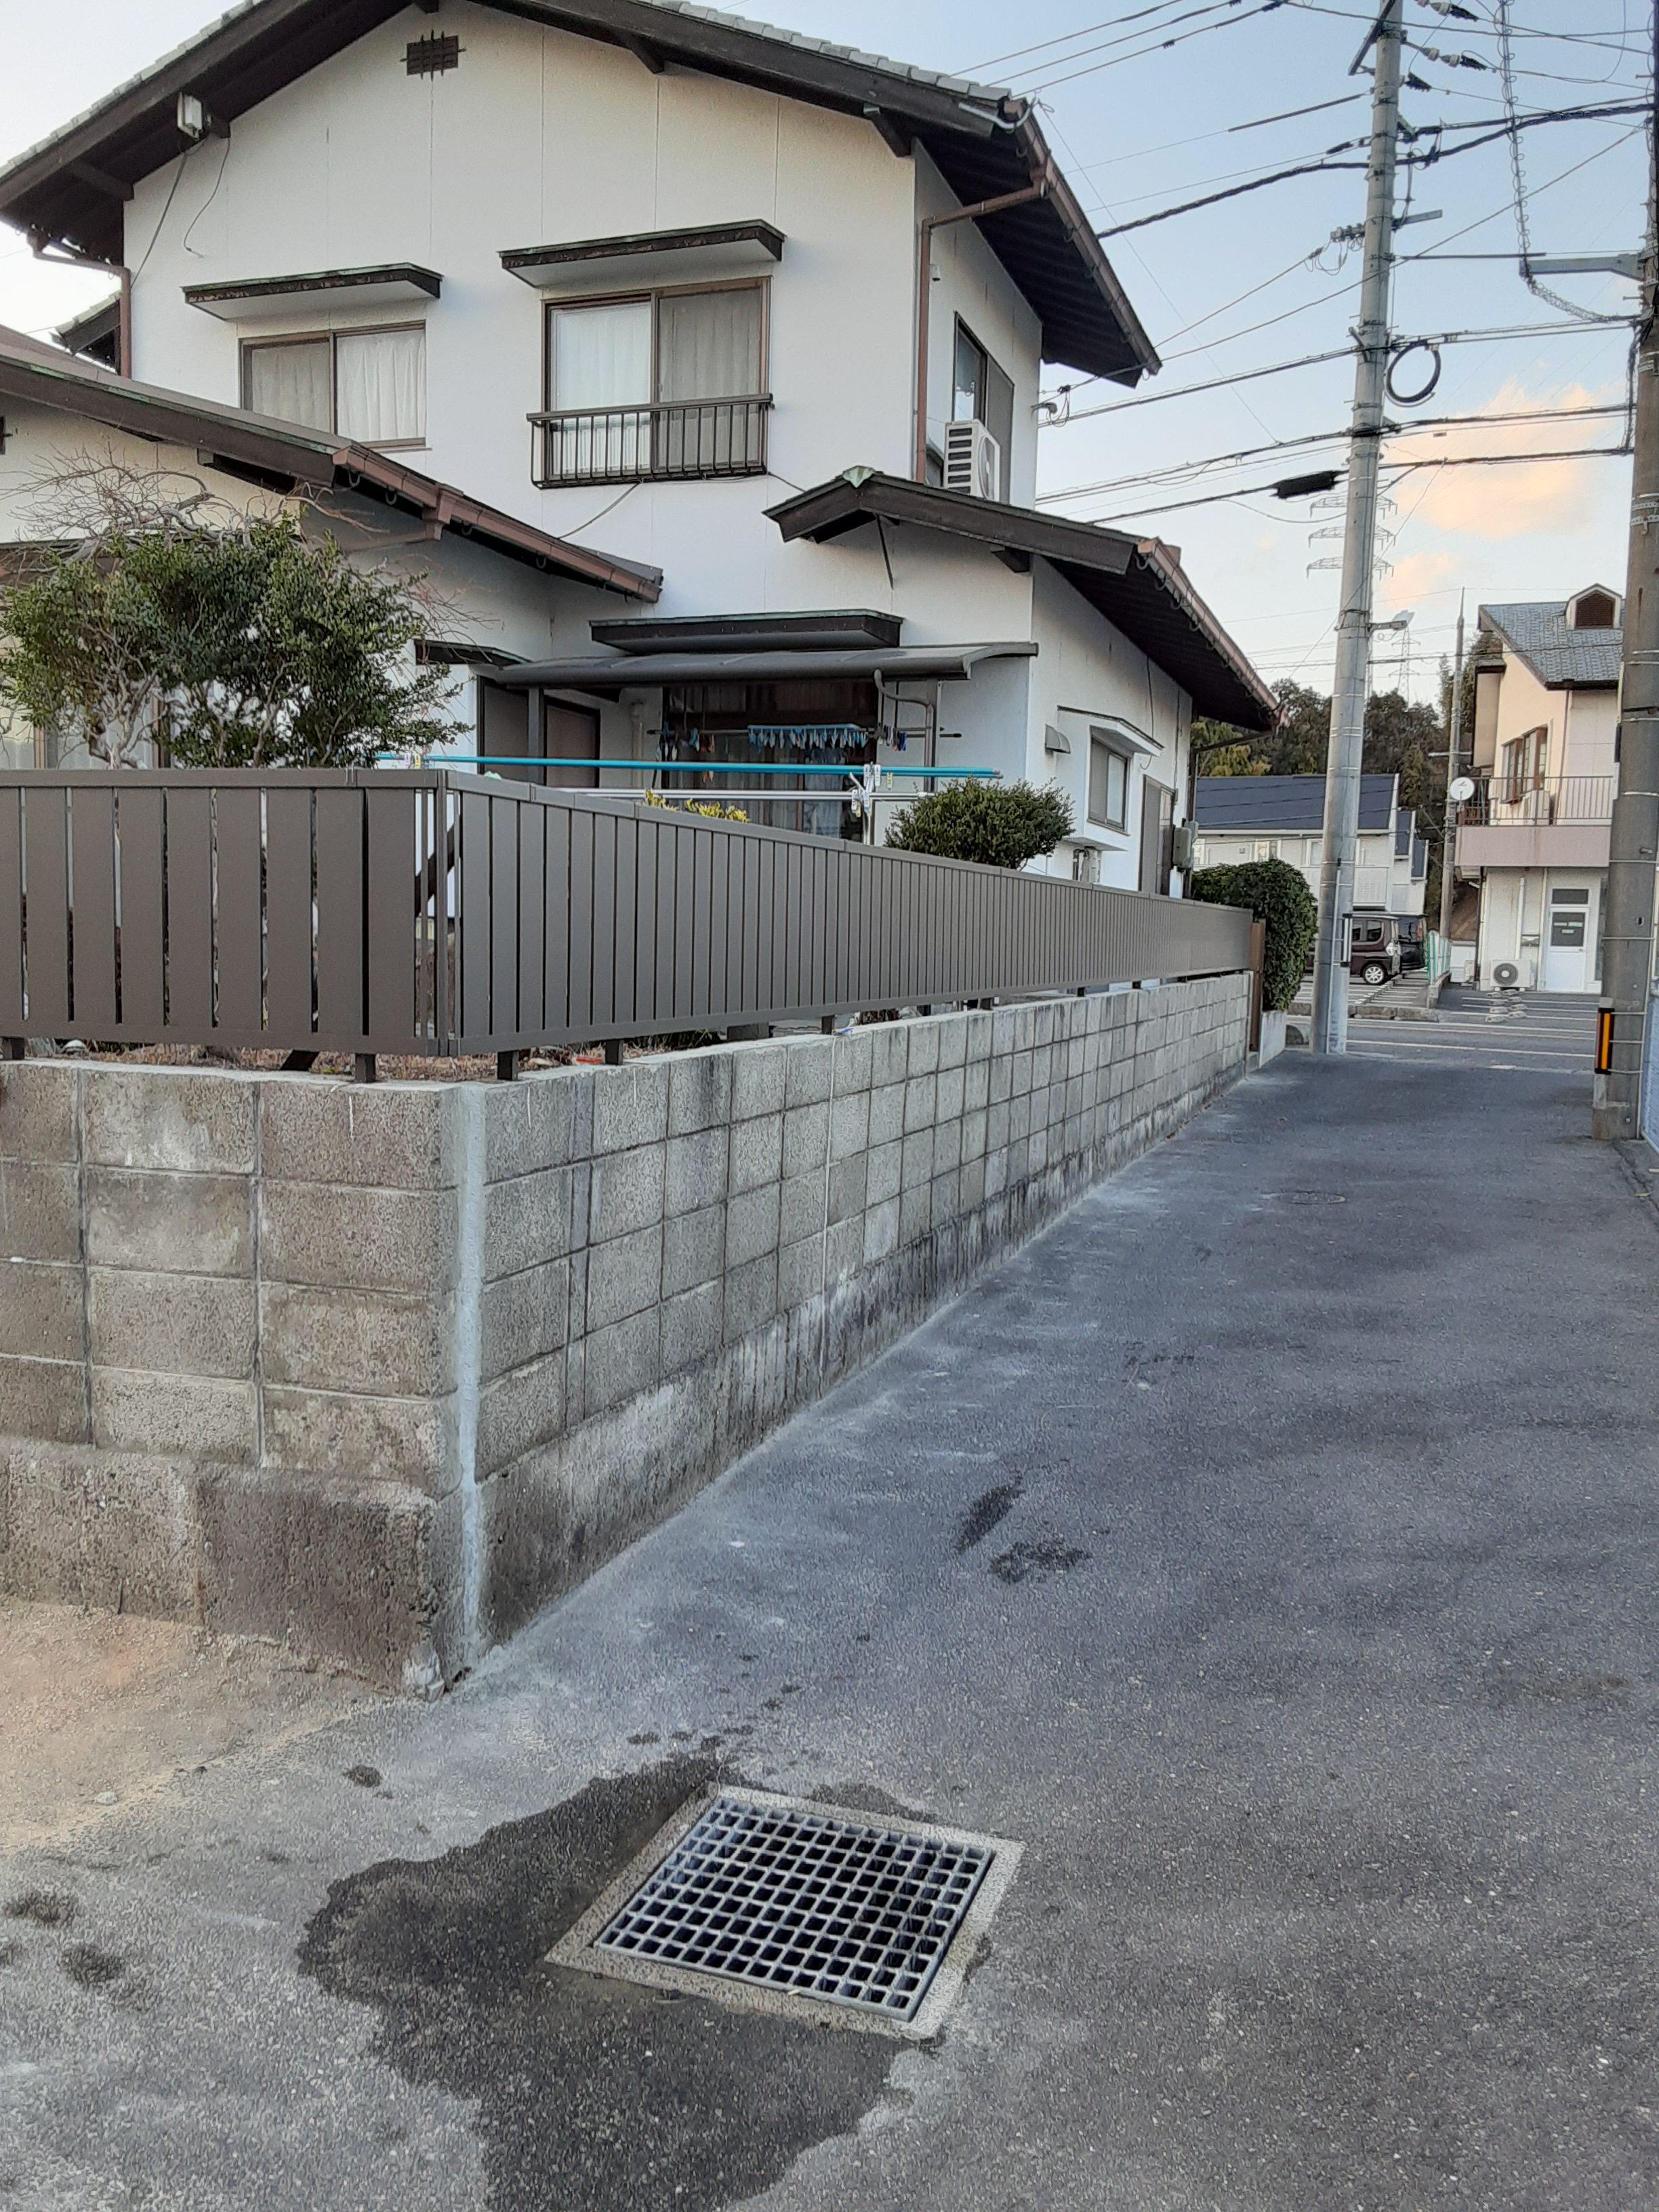 ギャラリーパティオのフェンス工事 及び ブロック塀補修工事の施工後の写真1